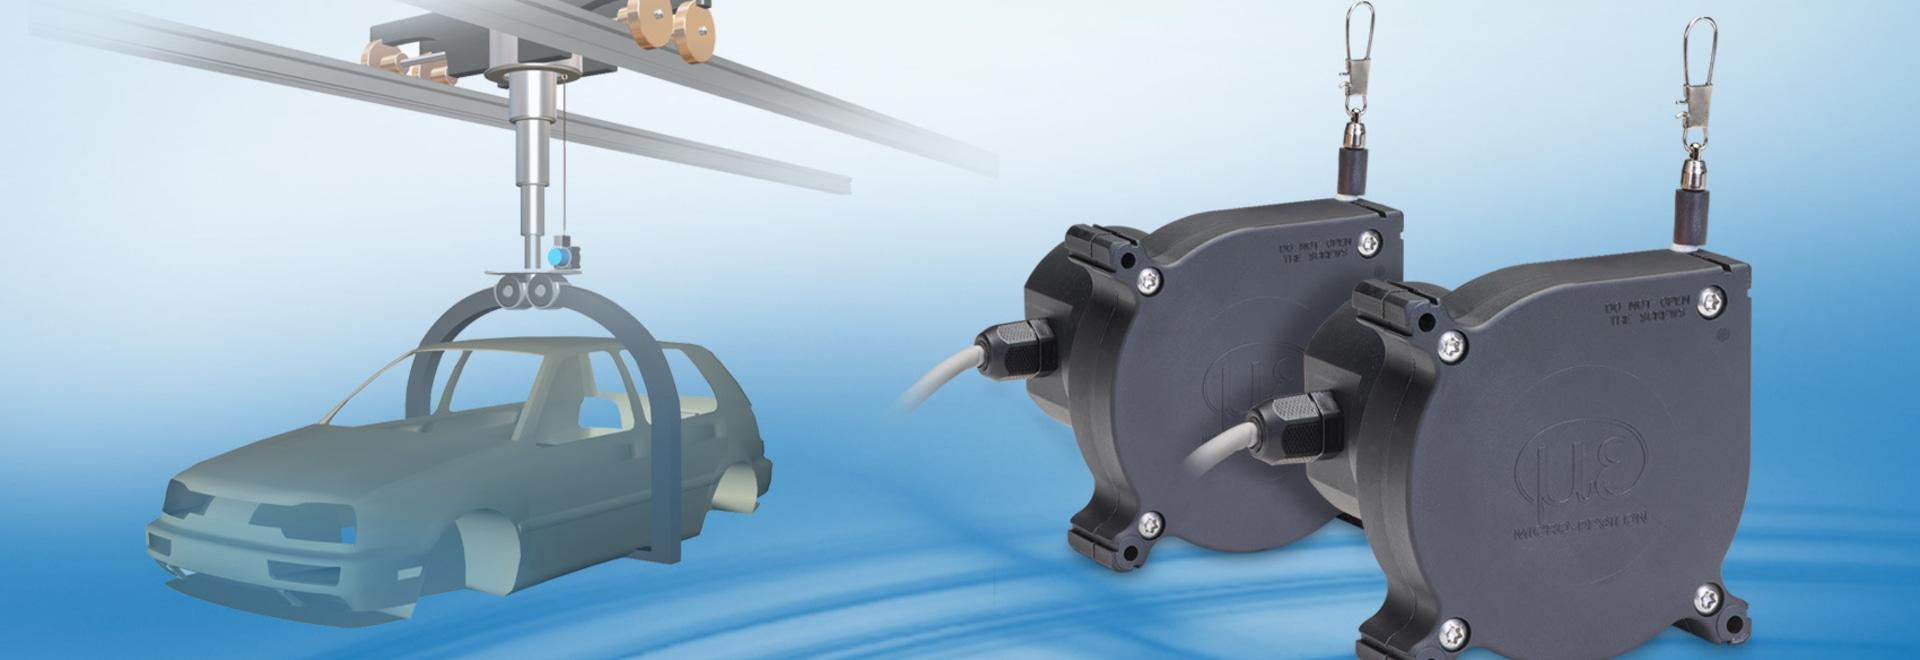 Sensores robustos de la dislocación del drenaje-alambre – wireSENSOR WPS-MK88-U45R